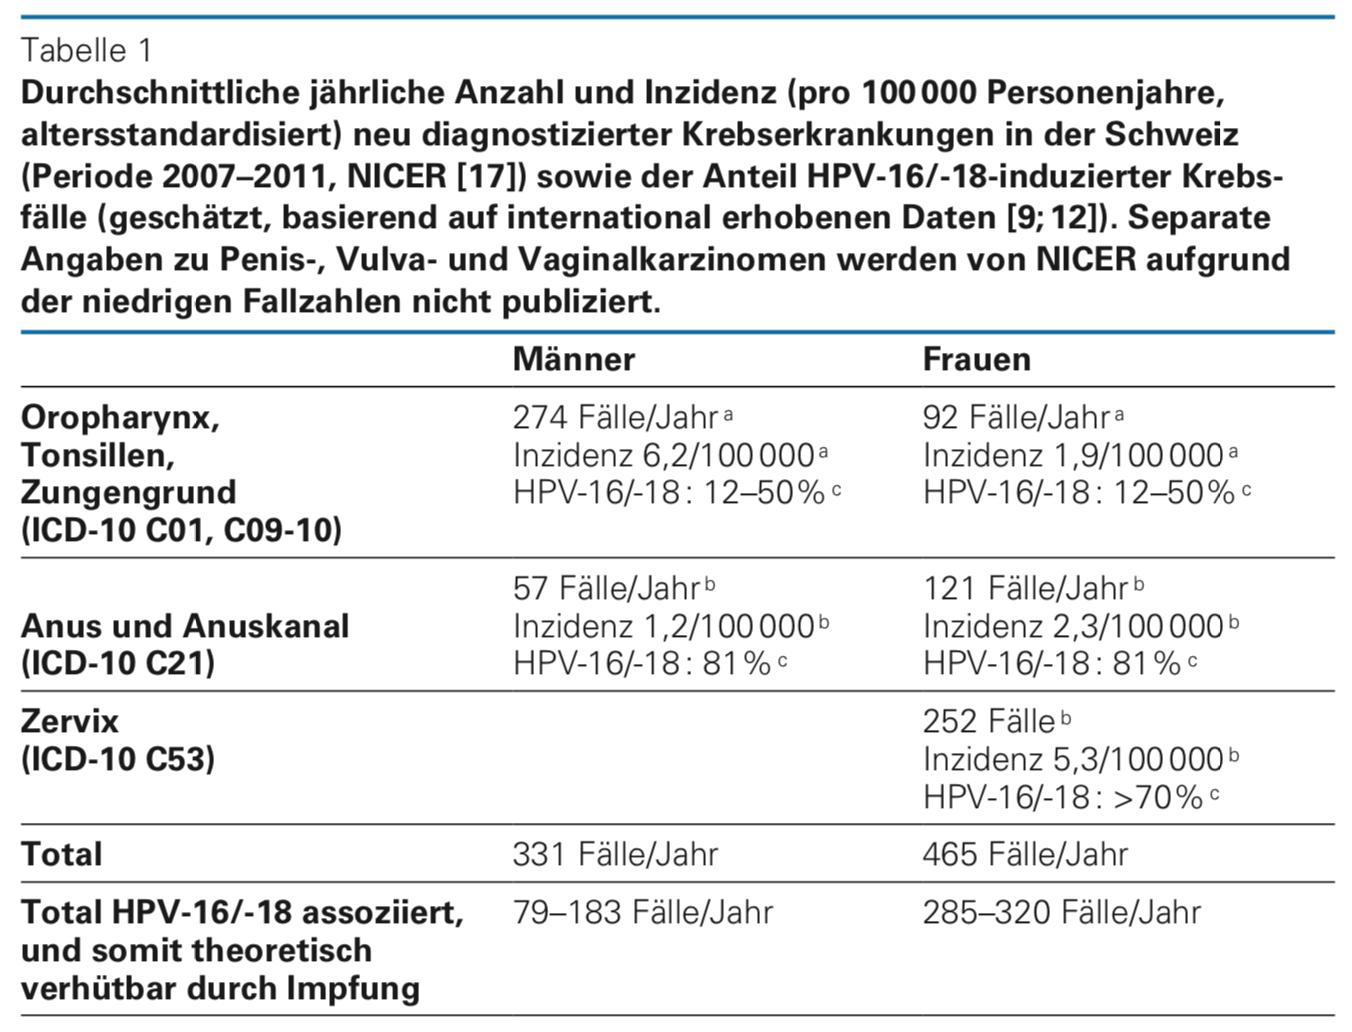 human papillomavirus warts on hands treatment cum sunt tratați condilomii multipli